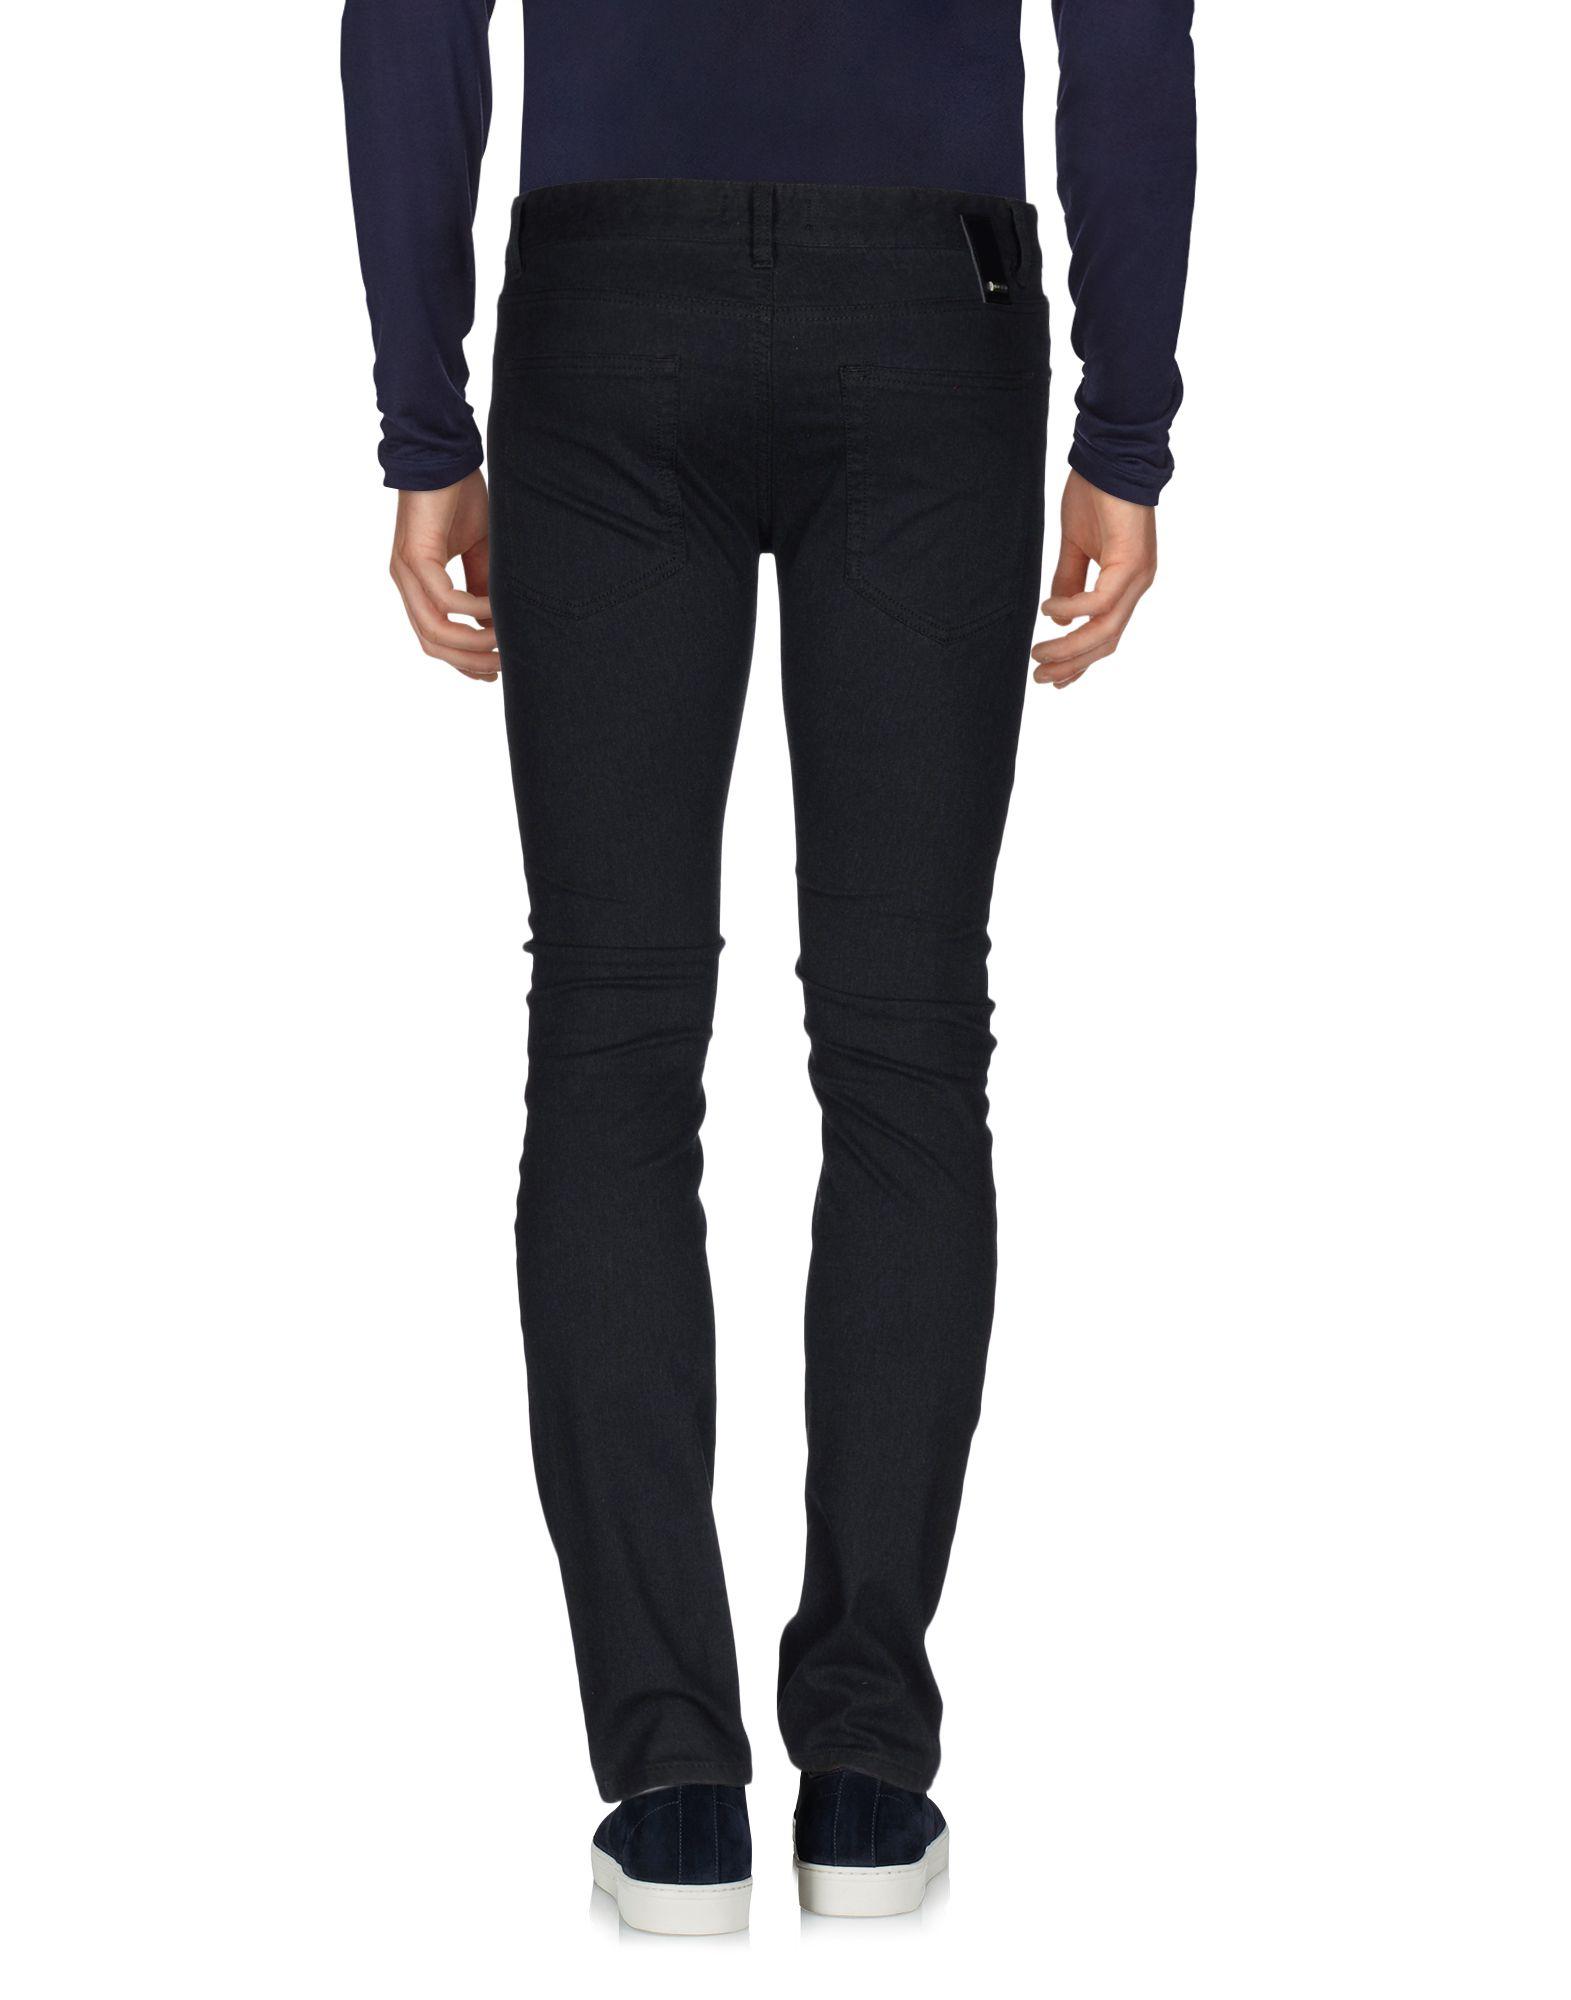 Pantaloni Pantaloni Pantaloni Jeans Just Cavalli Uomo - 42611935RT 33ebba